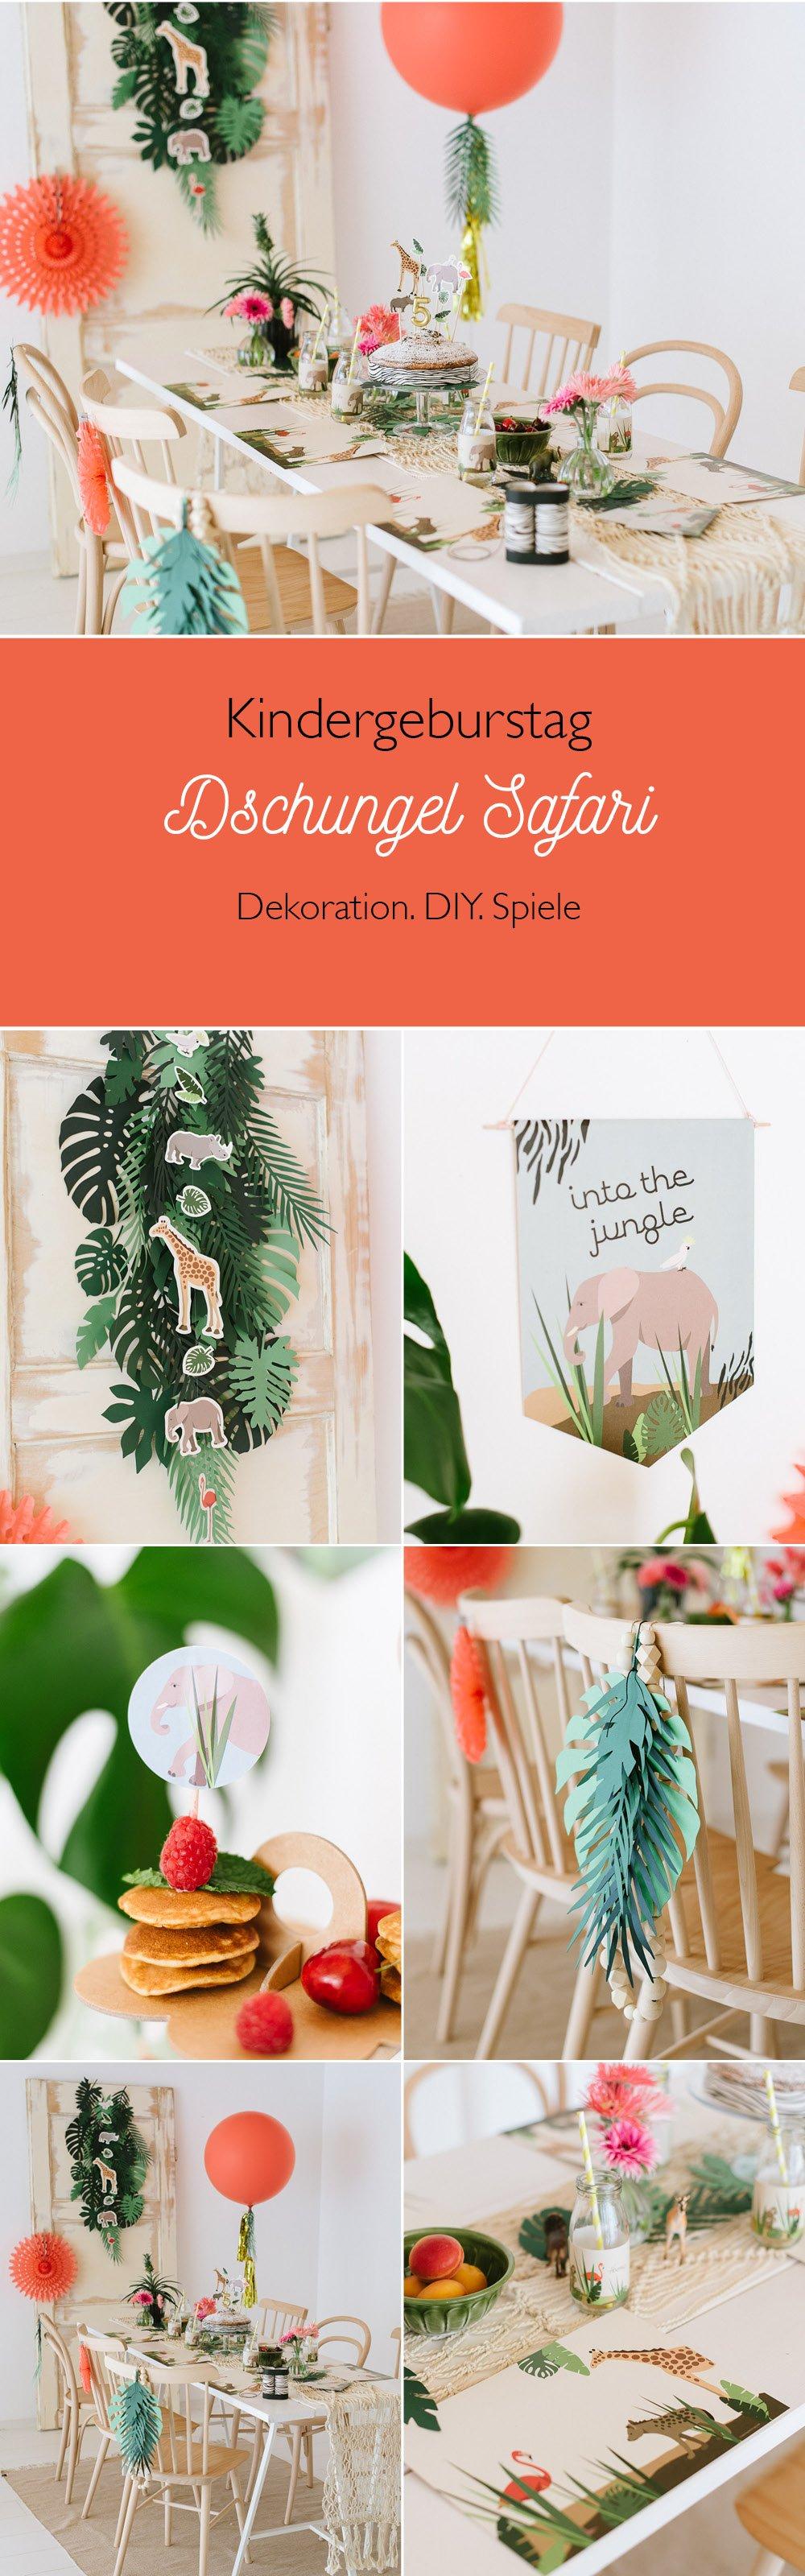 Dekoration für einen Kindergeburtstag mit Dschungel Safari Motto